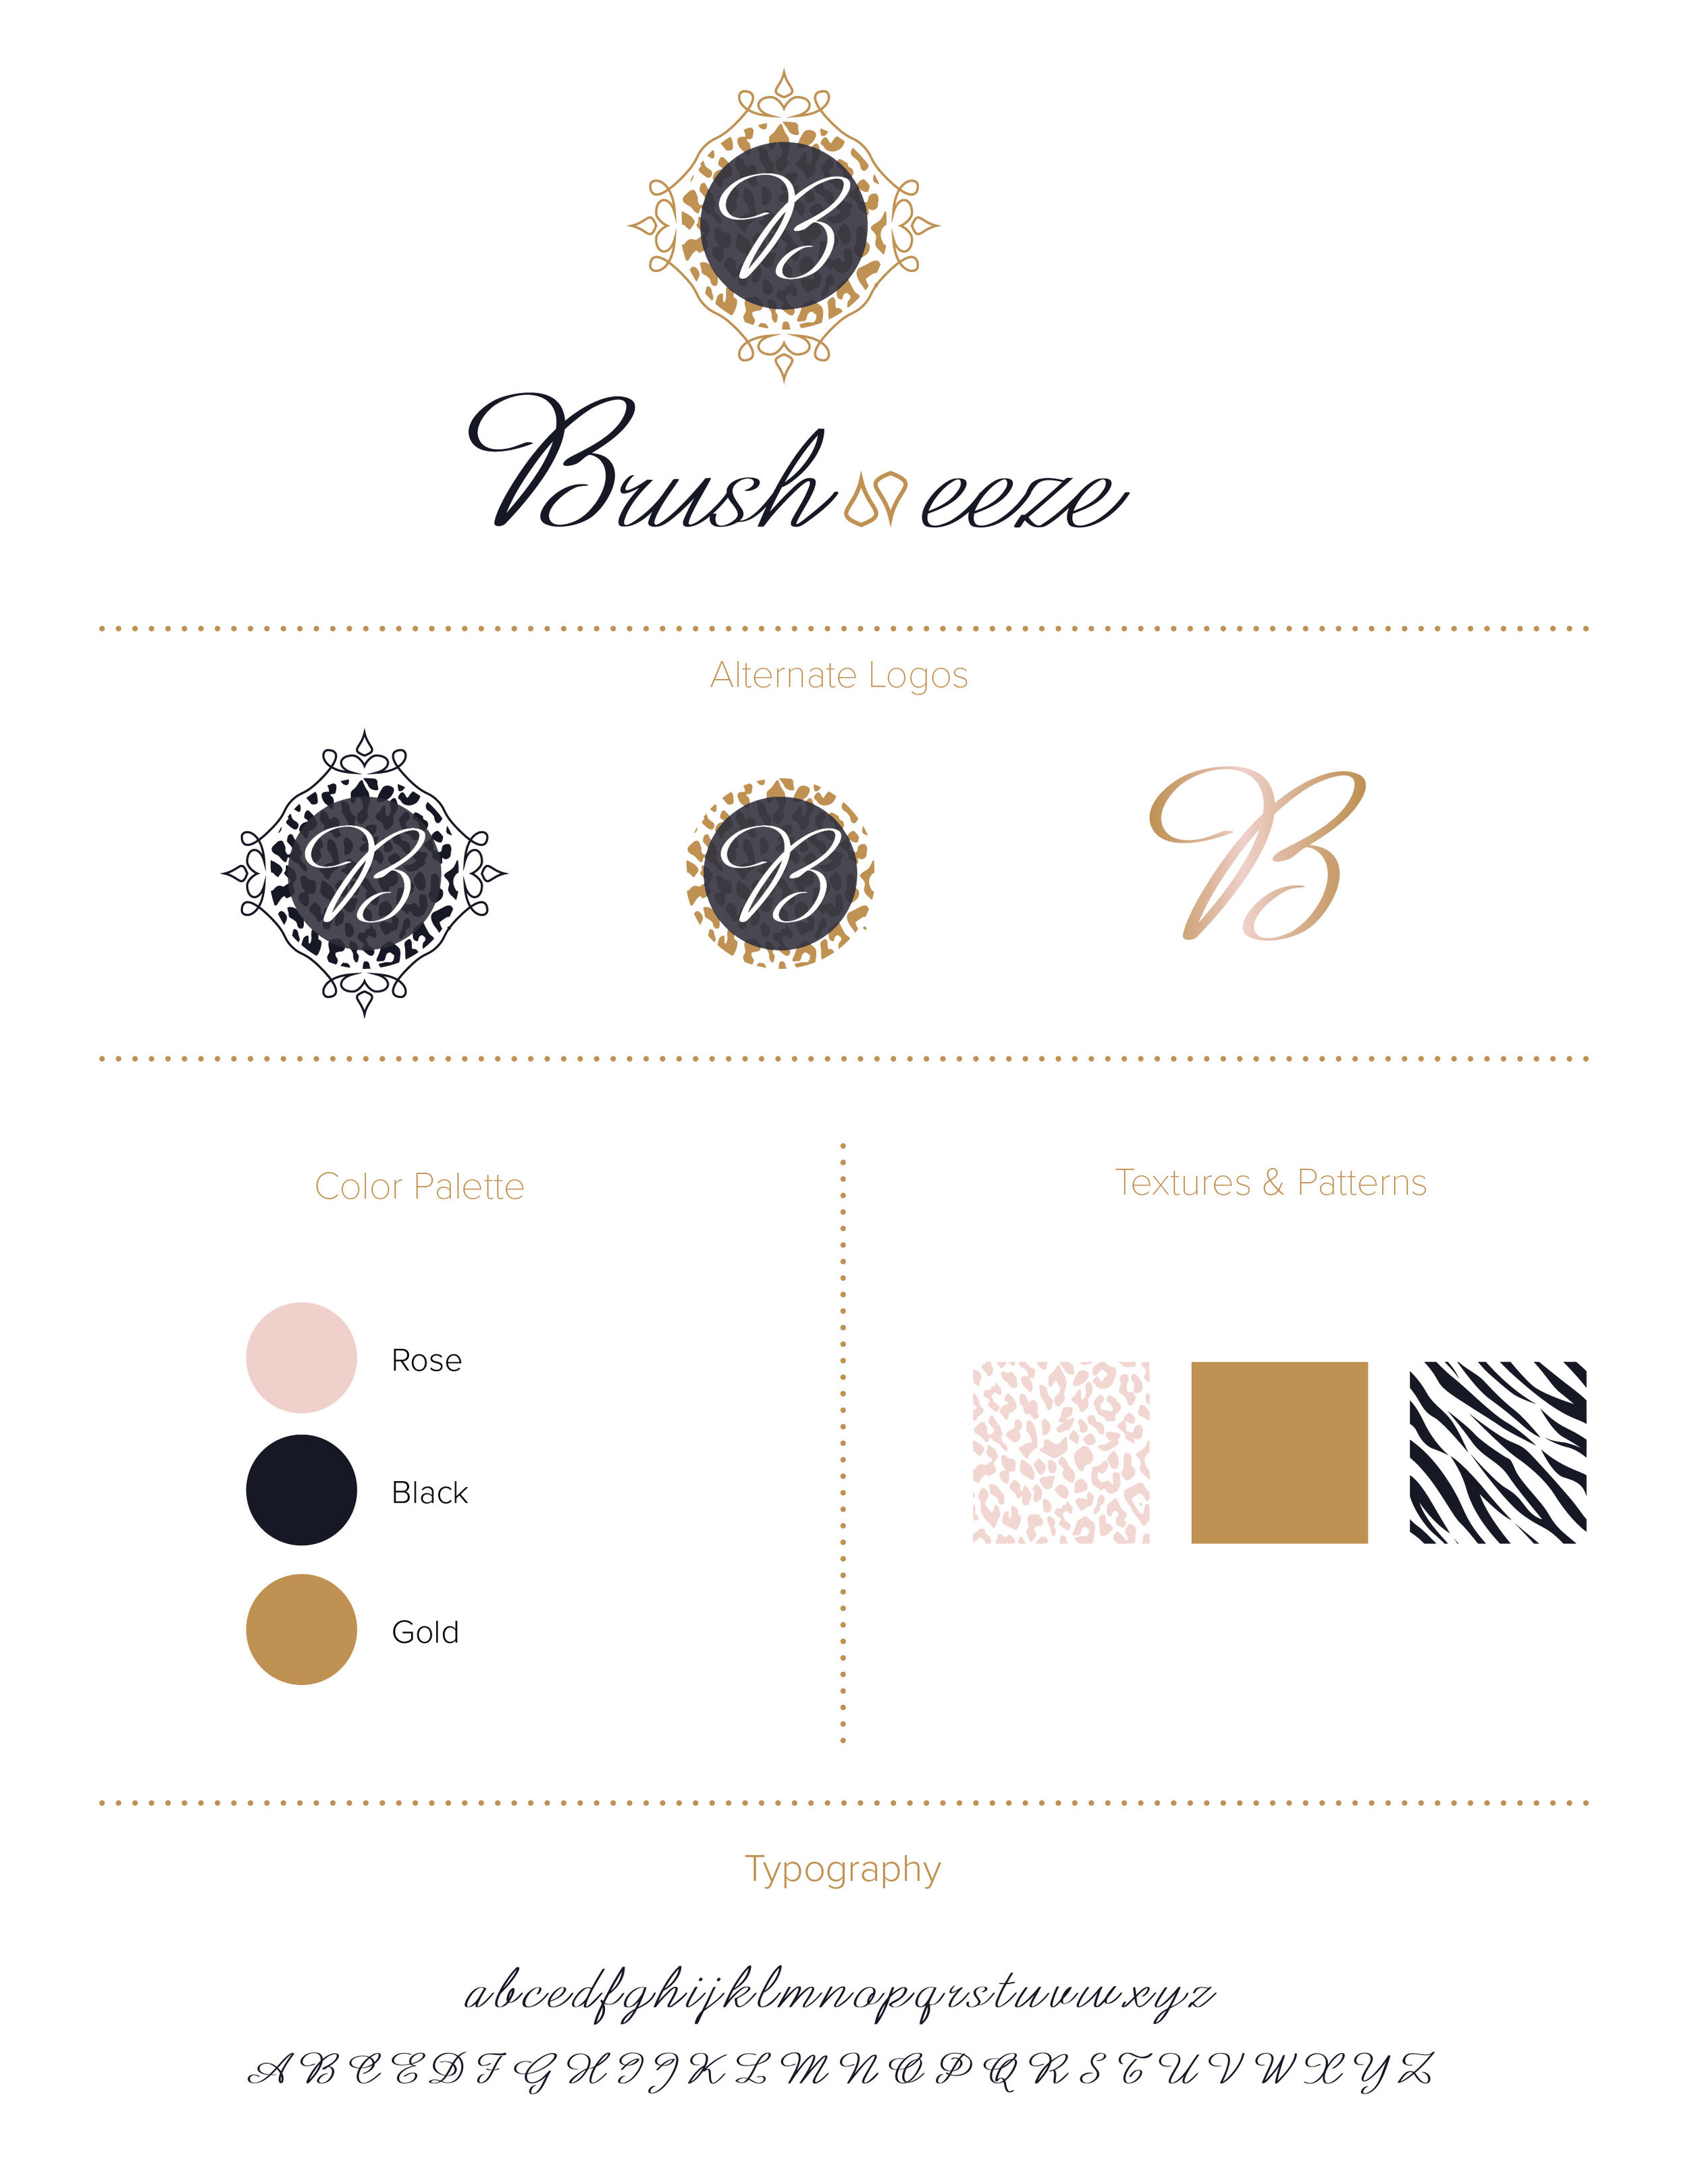 Brusheese_Branding option 1.jpg